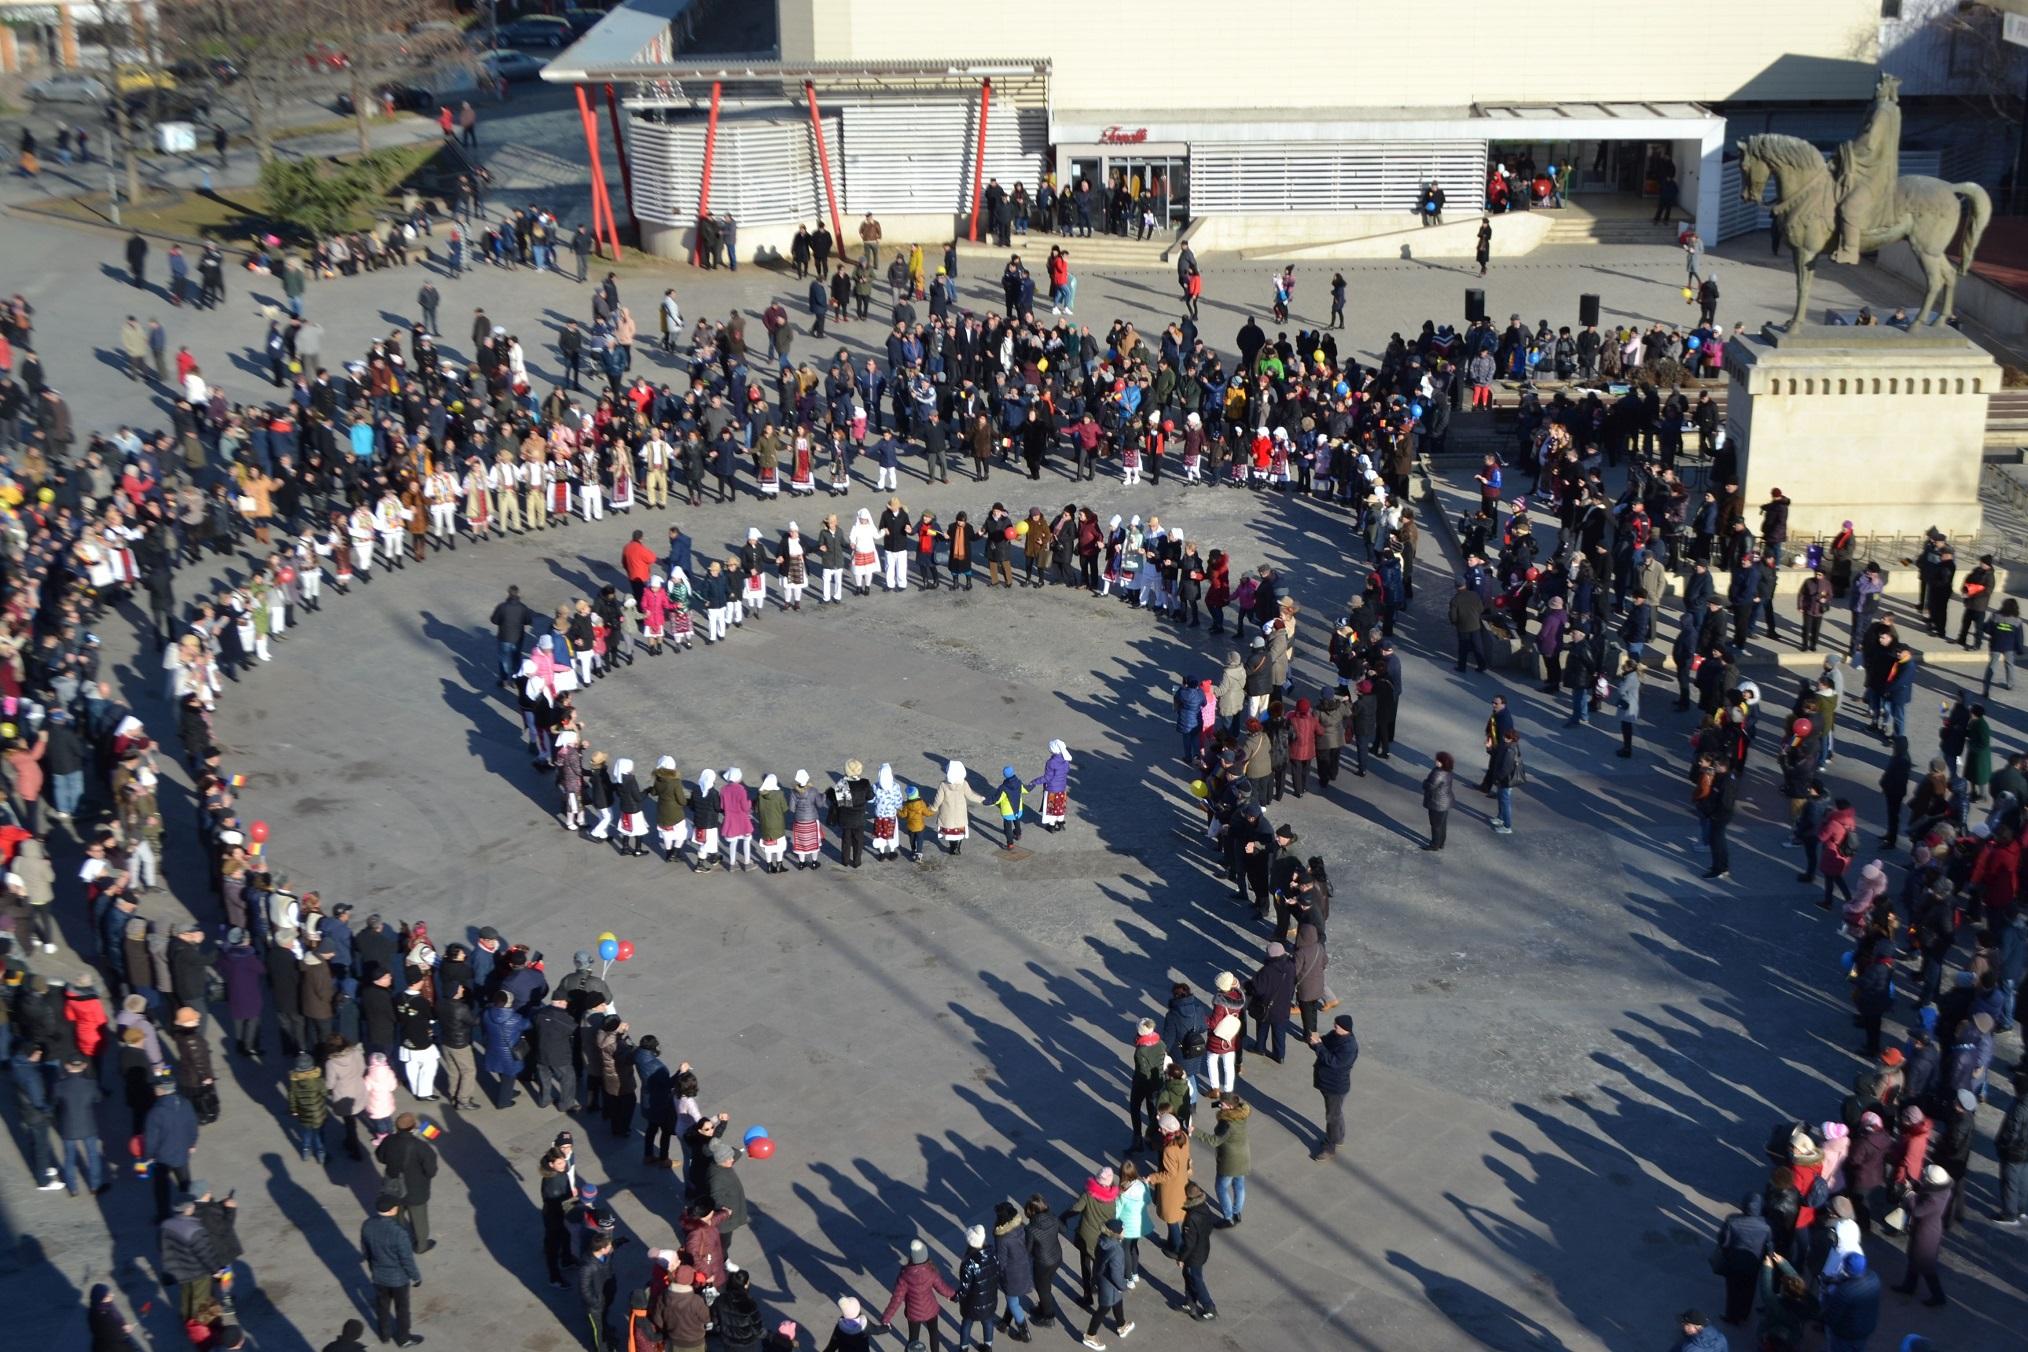 Ziua de 24 Ianuarie, sărbătorită cu Hora Unirii, folclor și bucate tradiționale, în Piața Civică